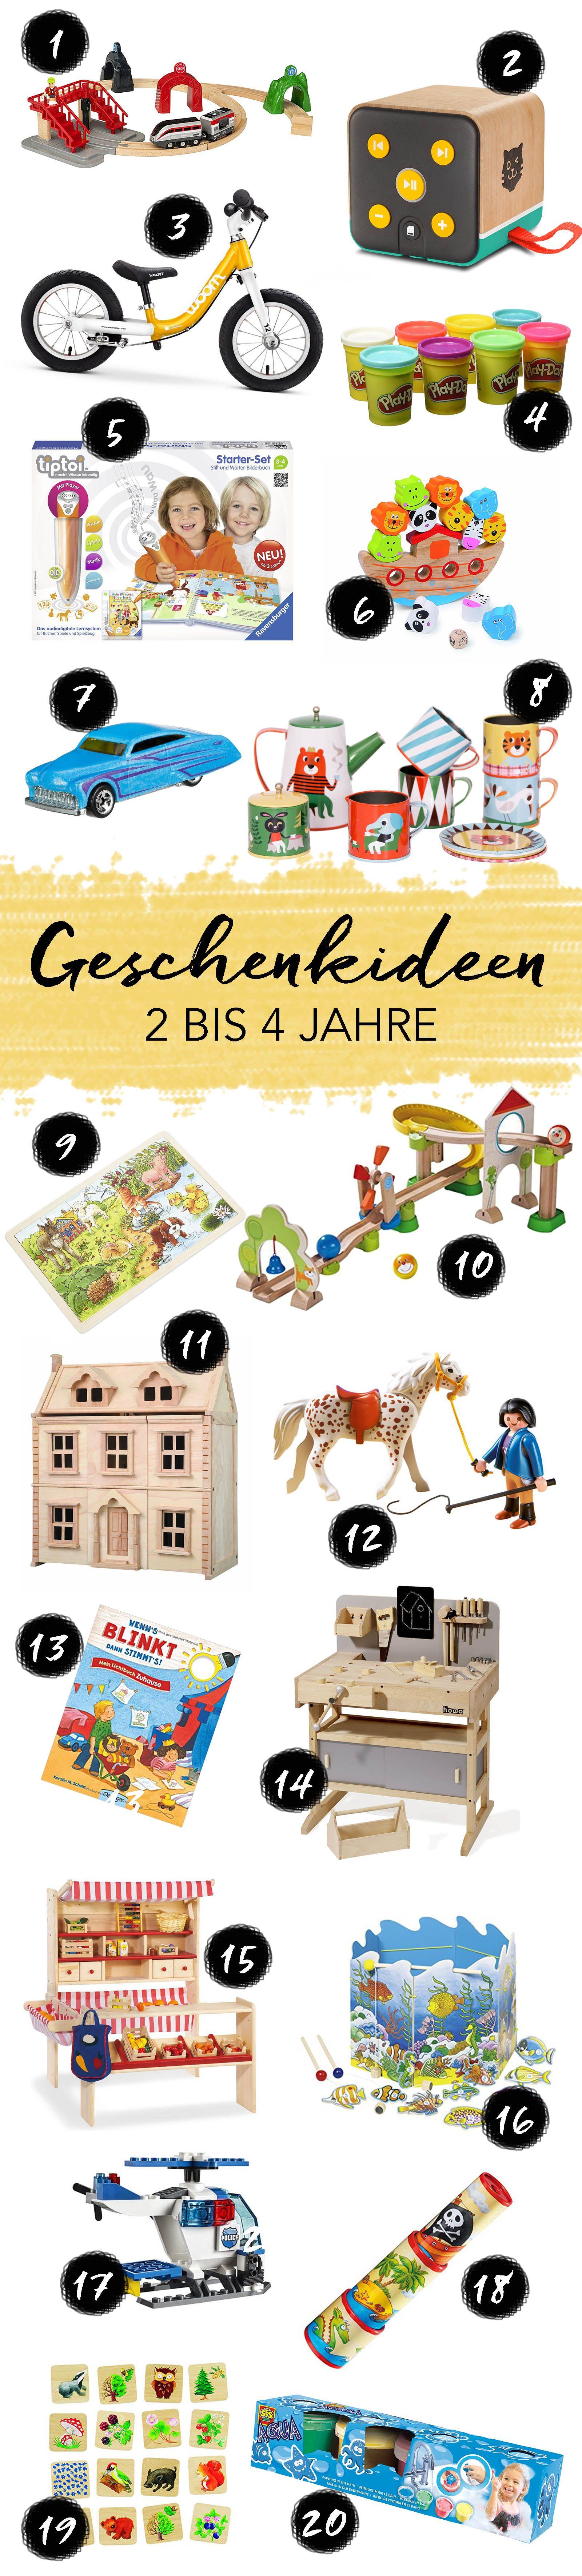 Geschenkideen für Kinder im Alter von 2 bis 3 Jahren | Dziecko ...